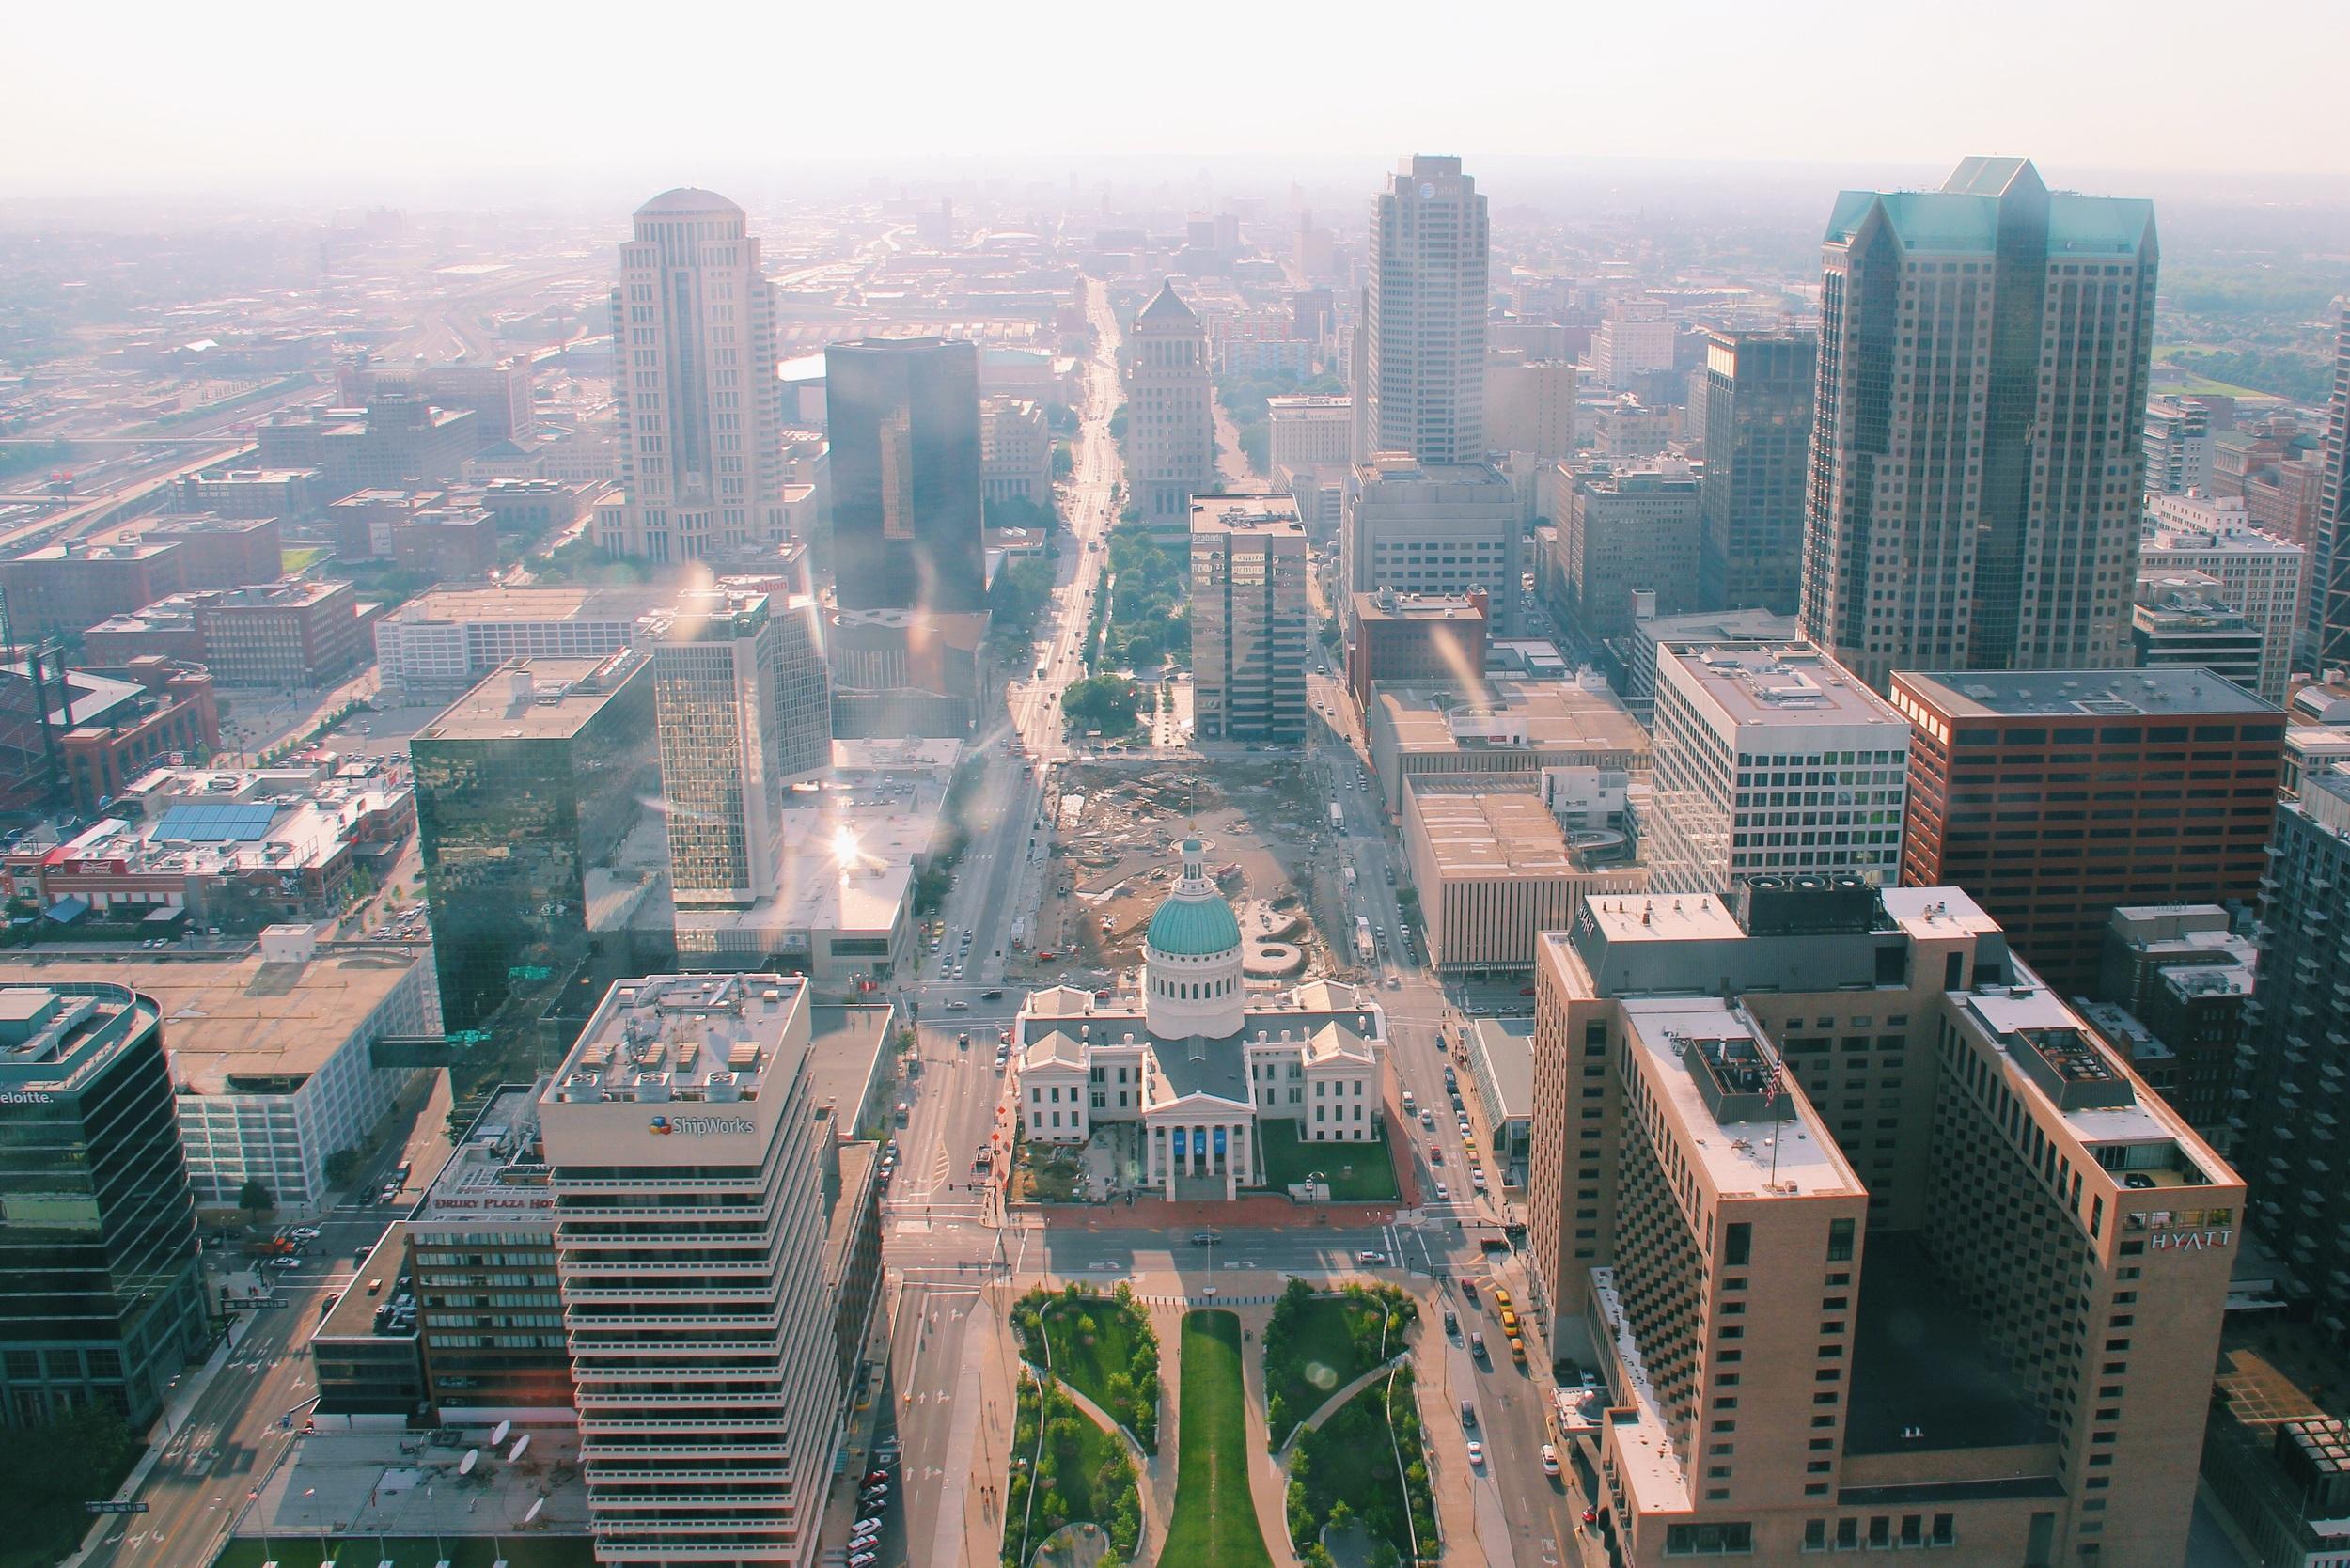 St. Louis...check.